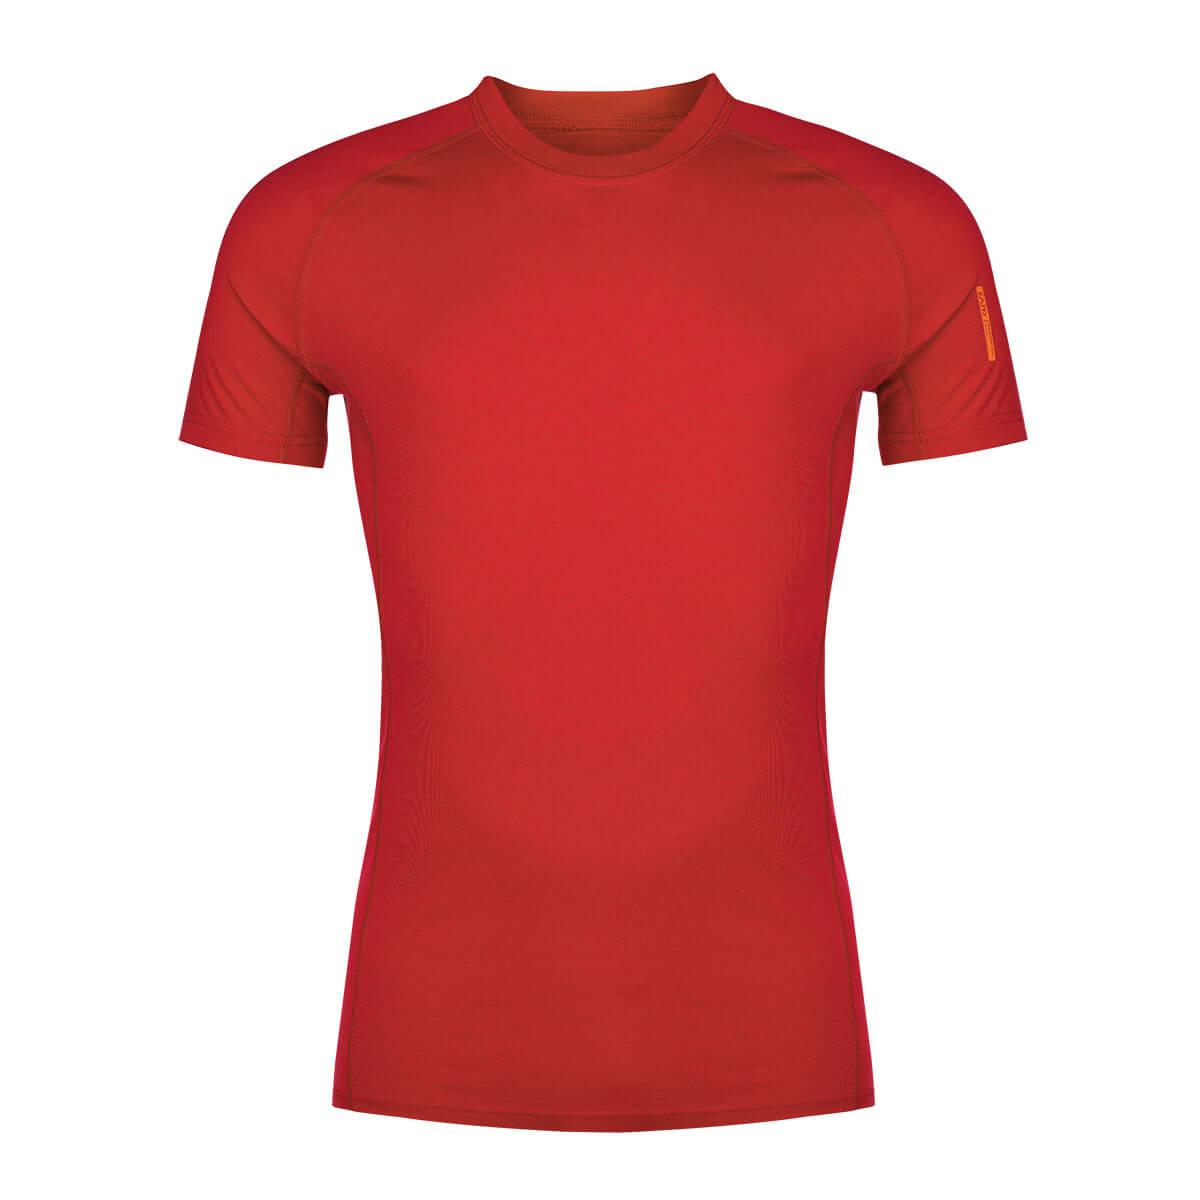 Pánske tričko Zajo Bjorn Merino Nylon T-shirt SS Racing Red - veľkosť S